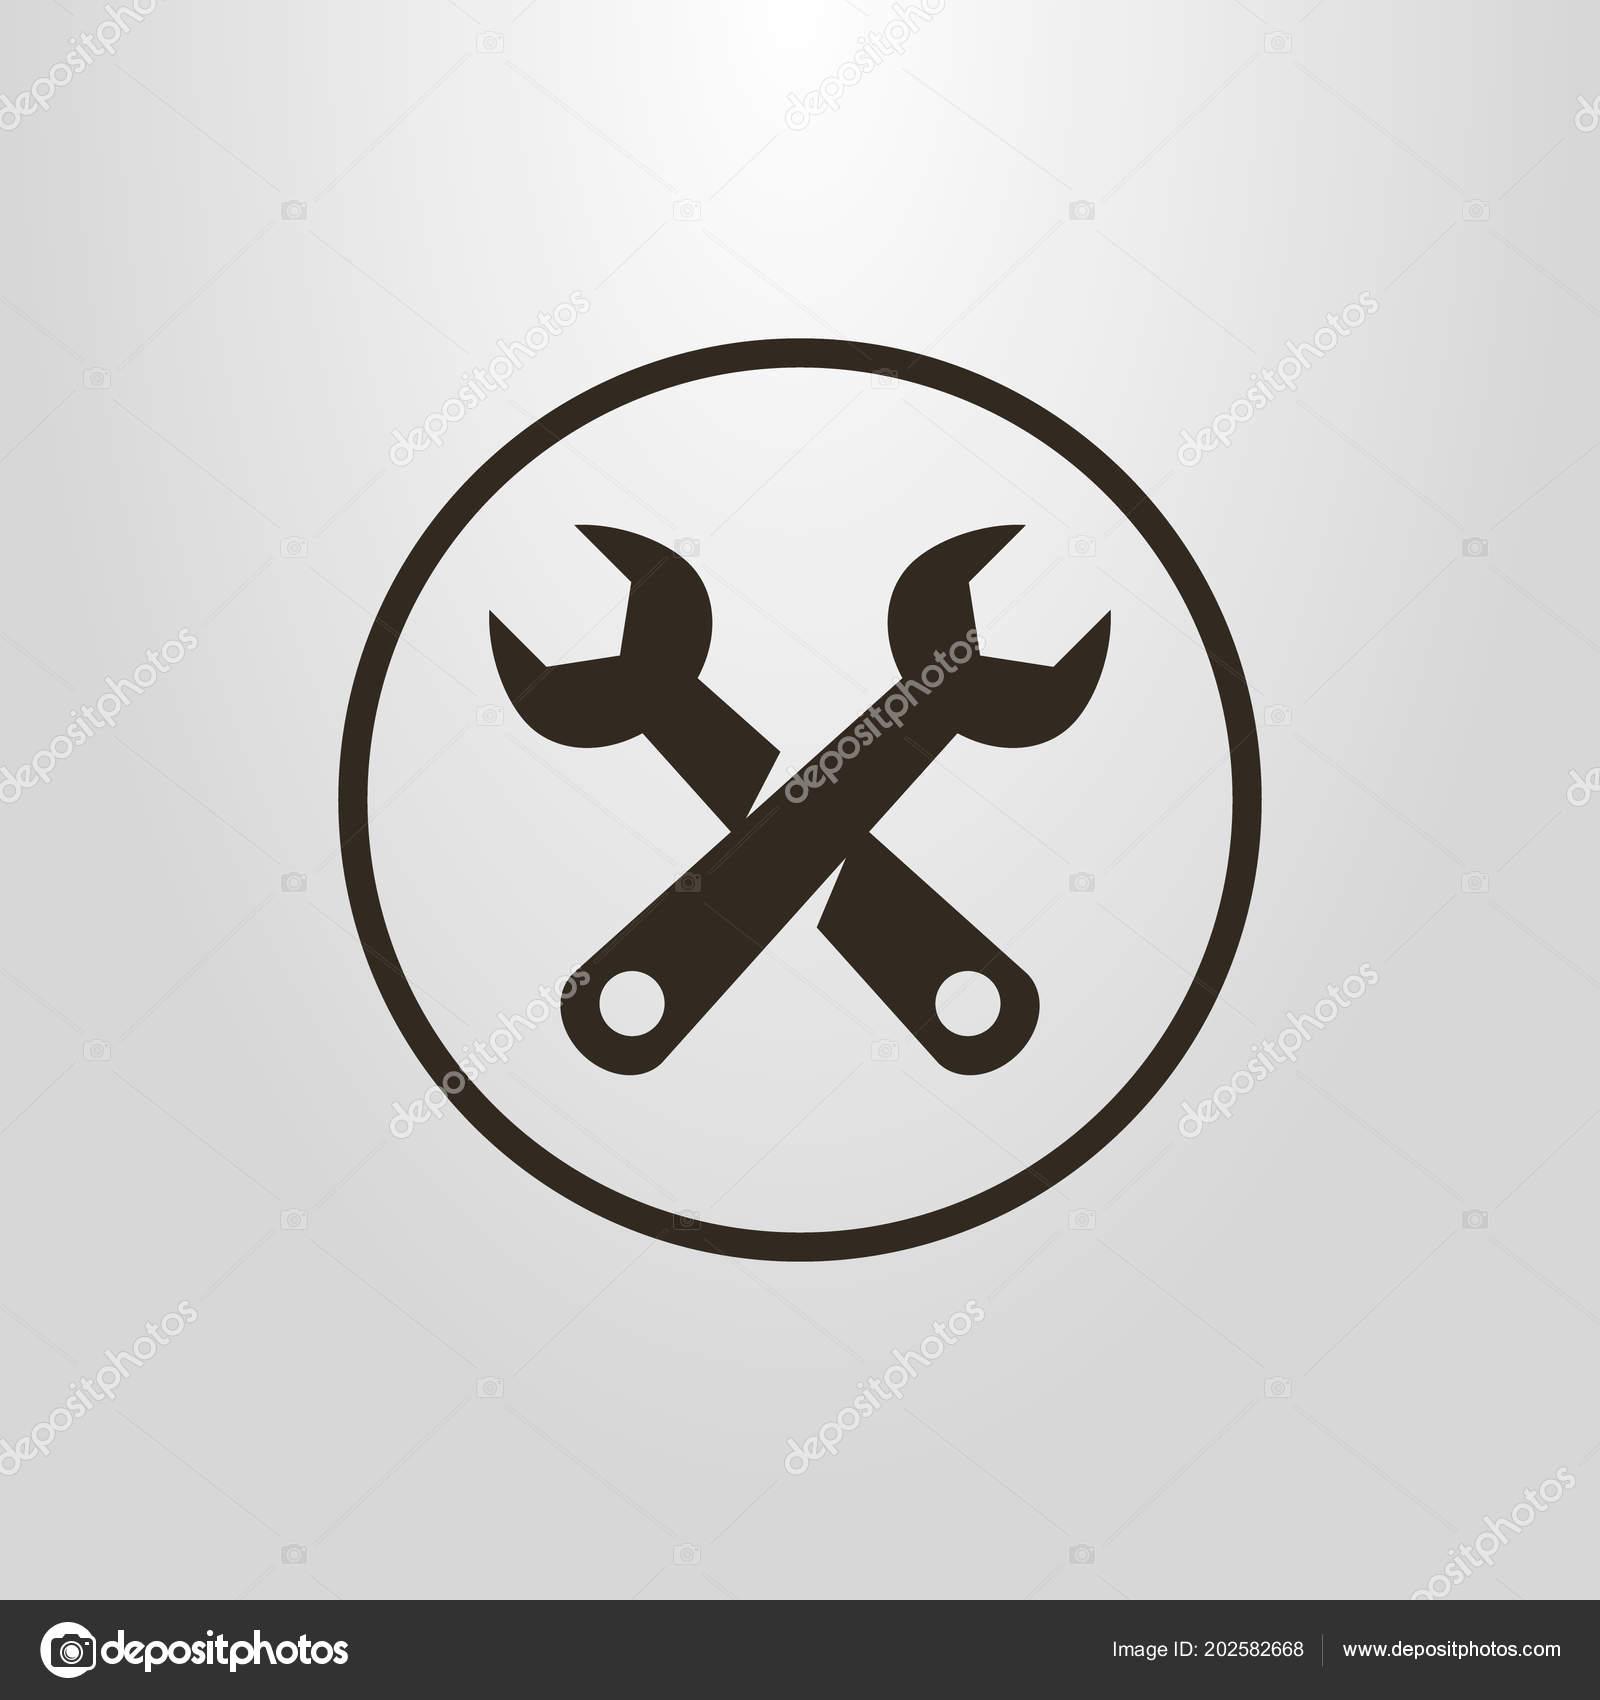 Simbolo Vetor Simples Preto Branco Duas Chaves Uma Moldura Redonda